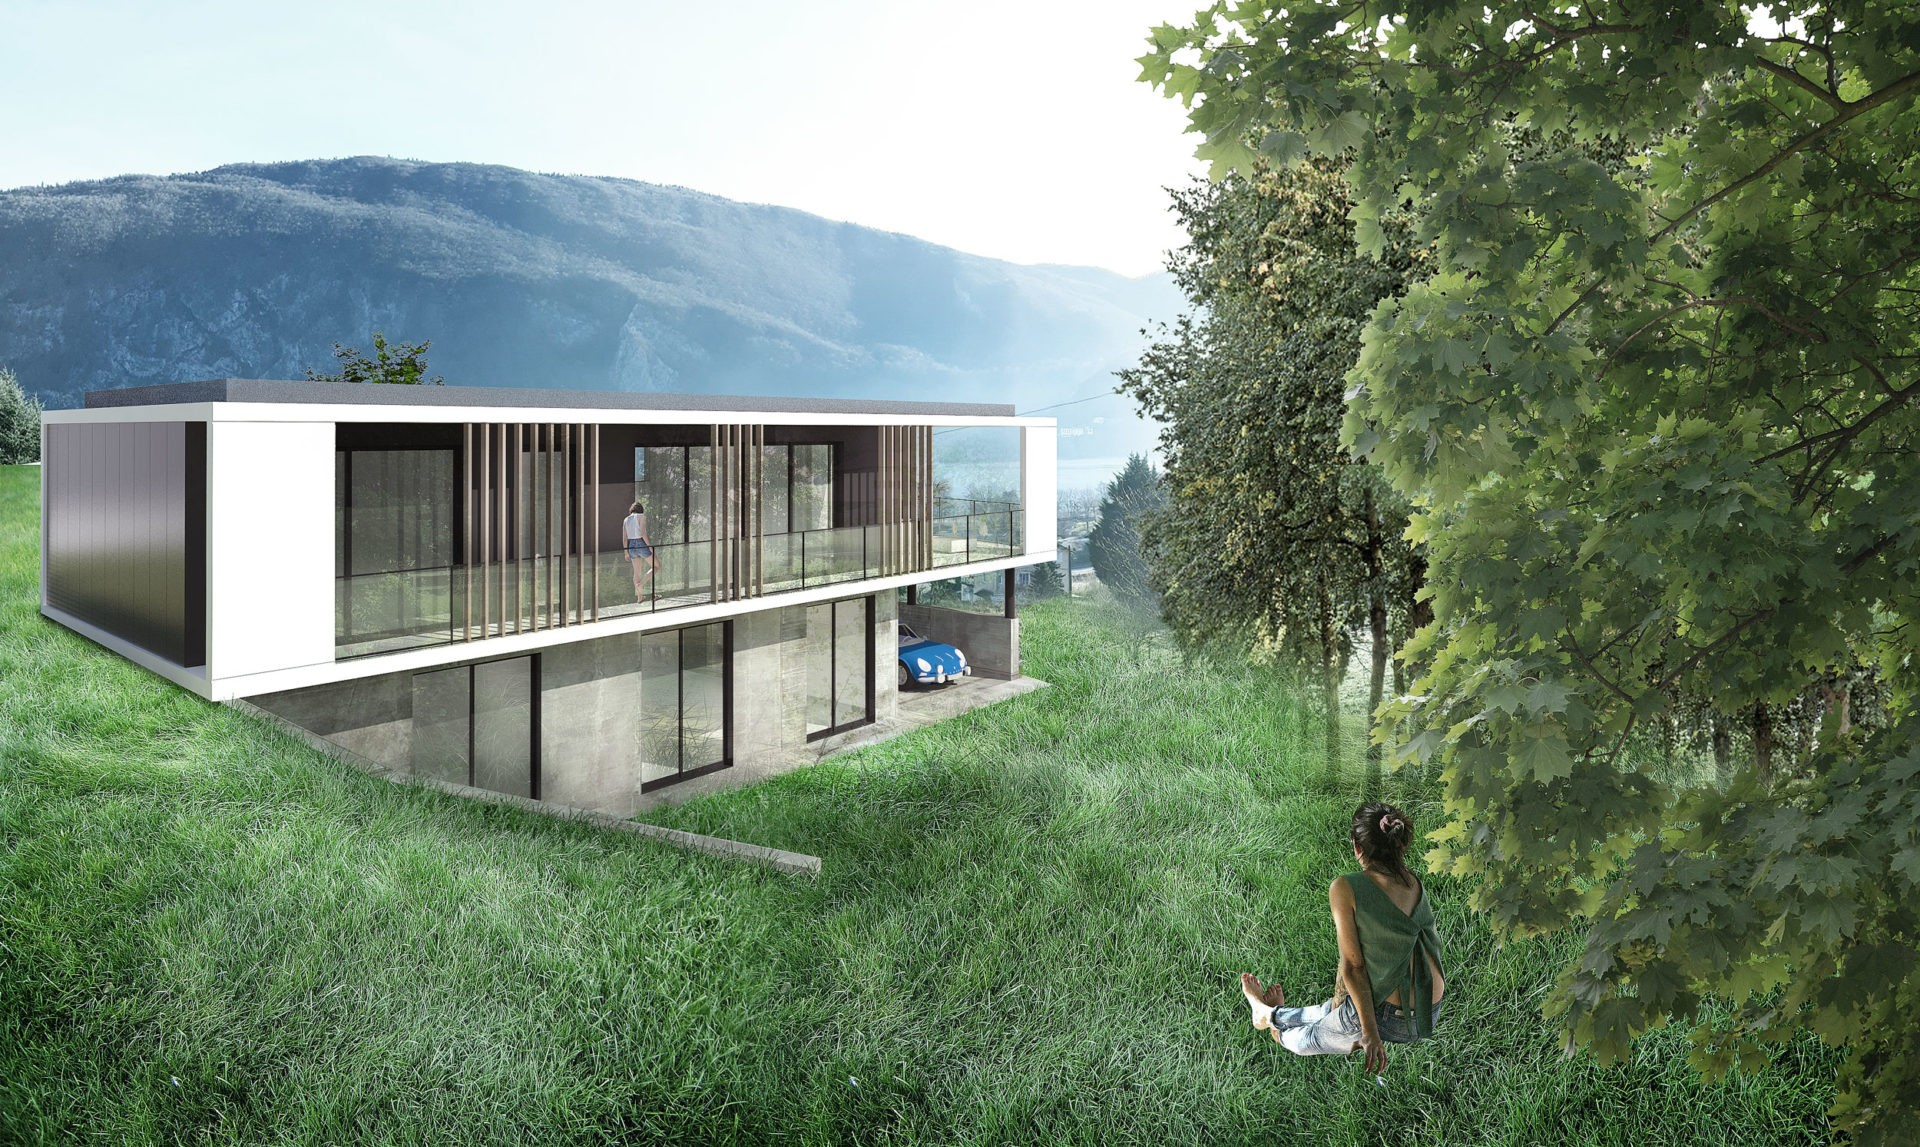 maison contemporaine toiture terrasse végétalisée béton brut savoie lac d'aiguebelette novalaise